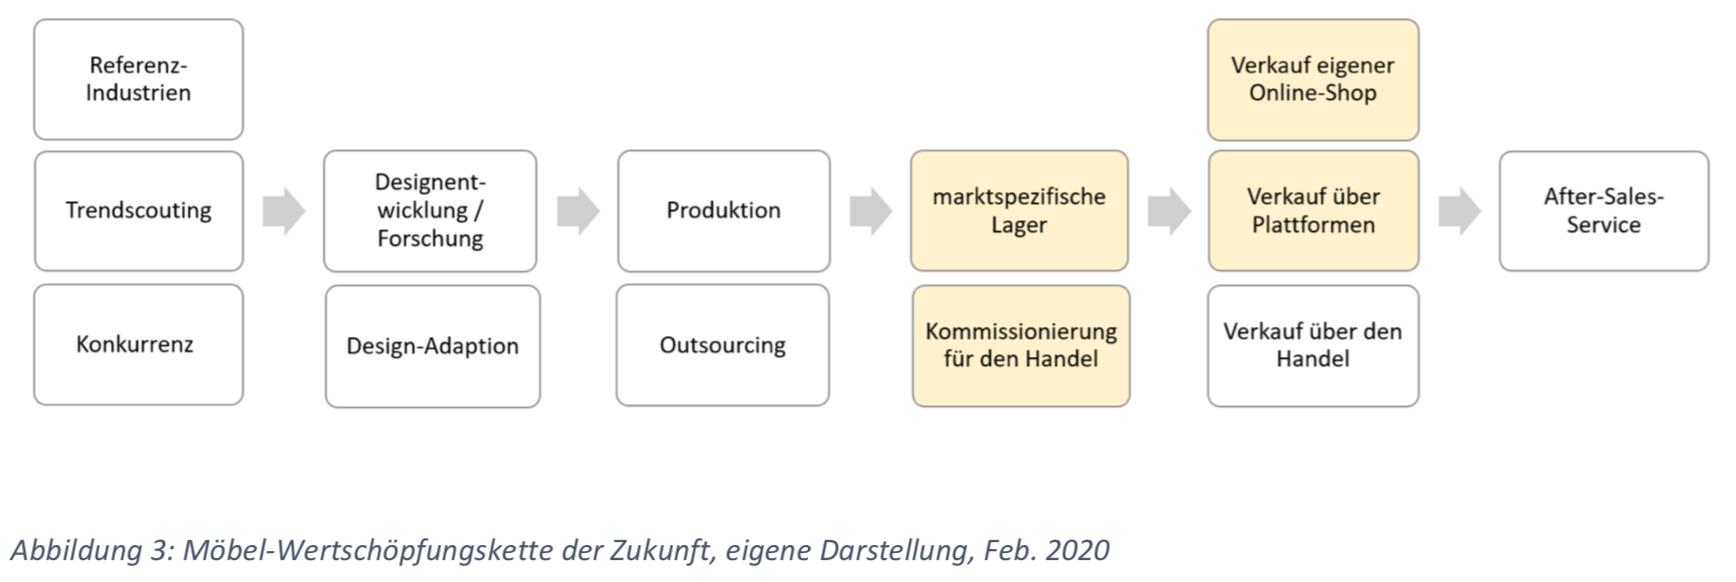 Möbel-Wertschöpfungskette der Zukunft, eigene Darstellung, Feb. 2020